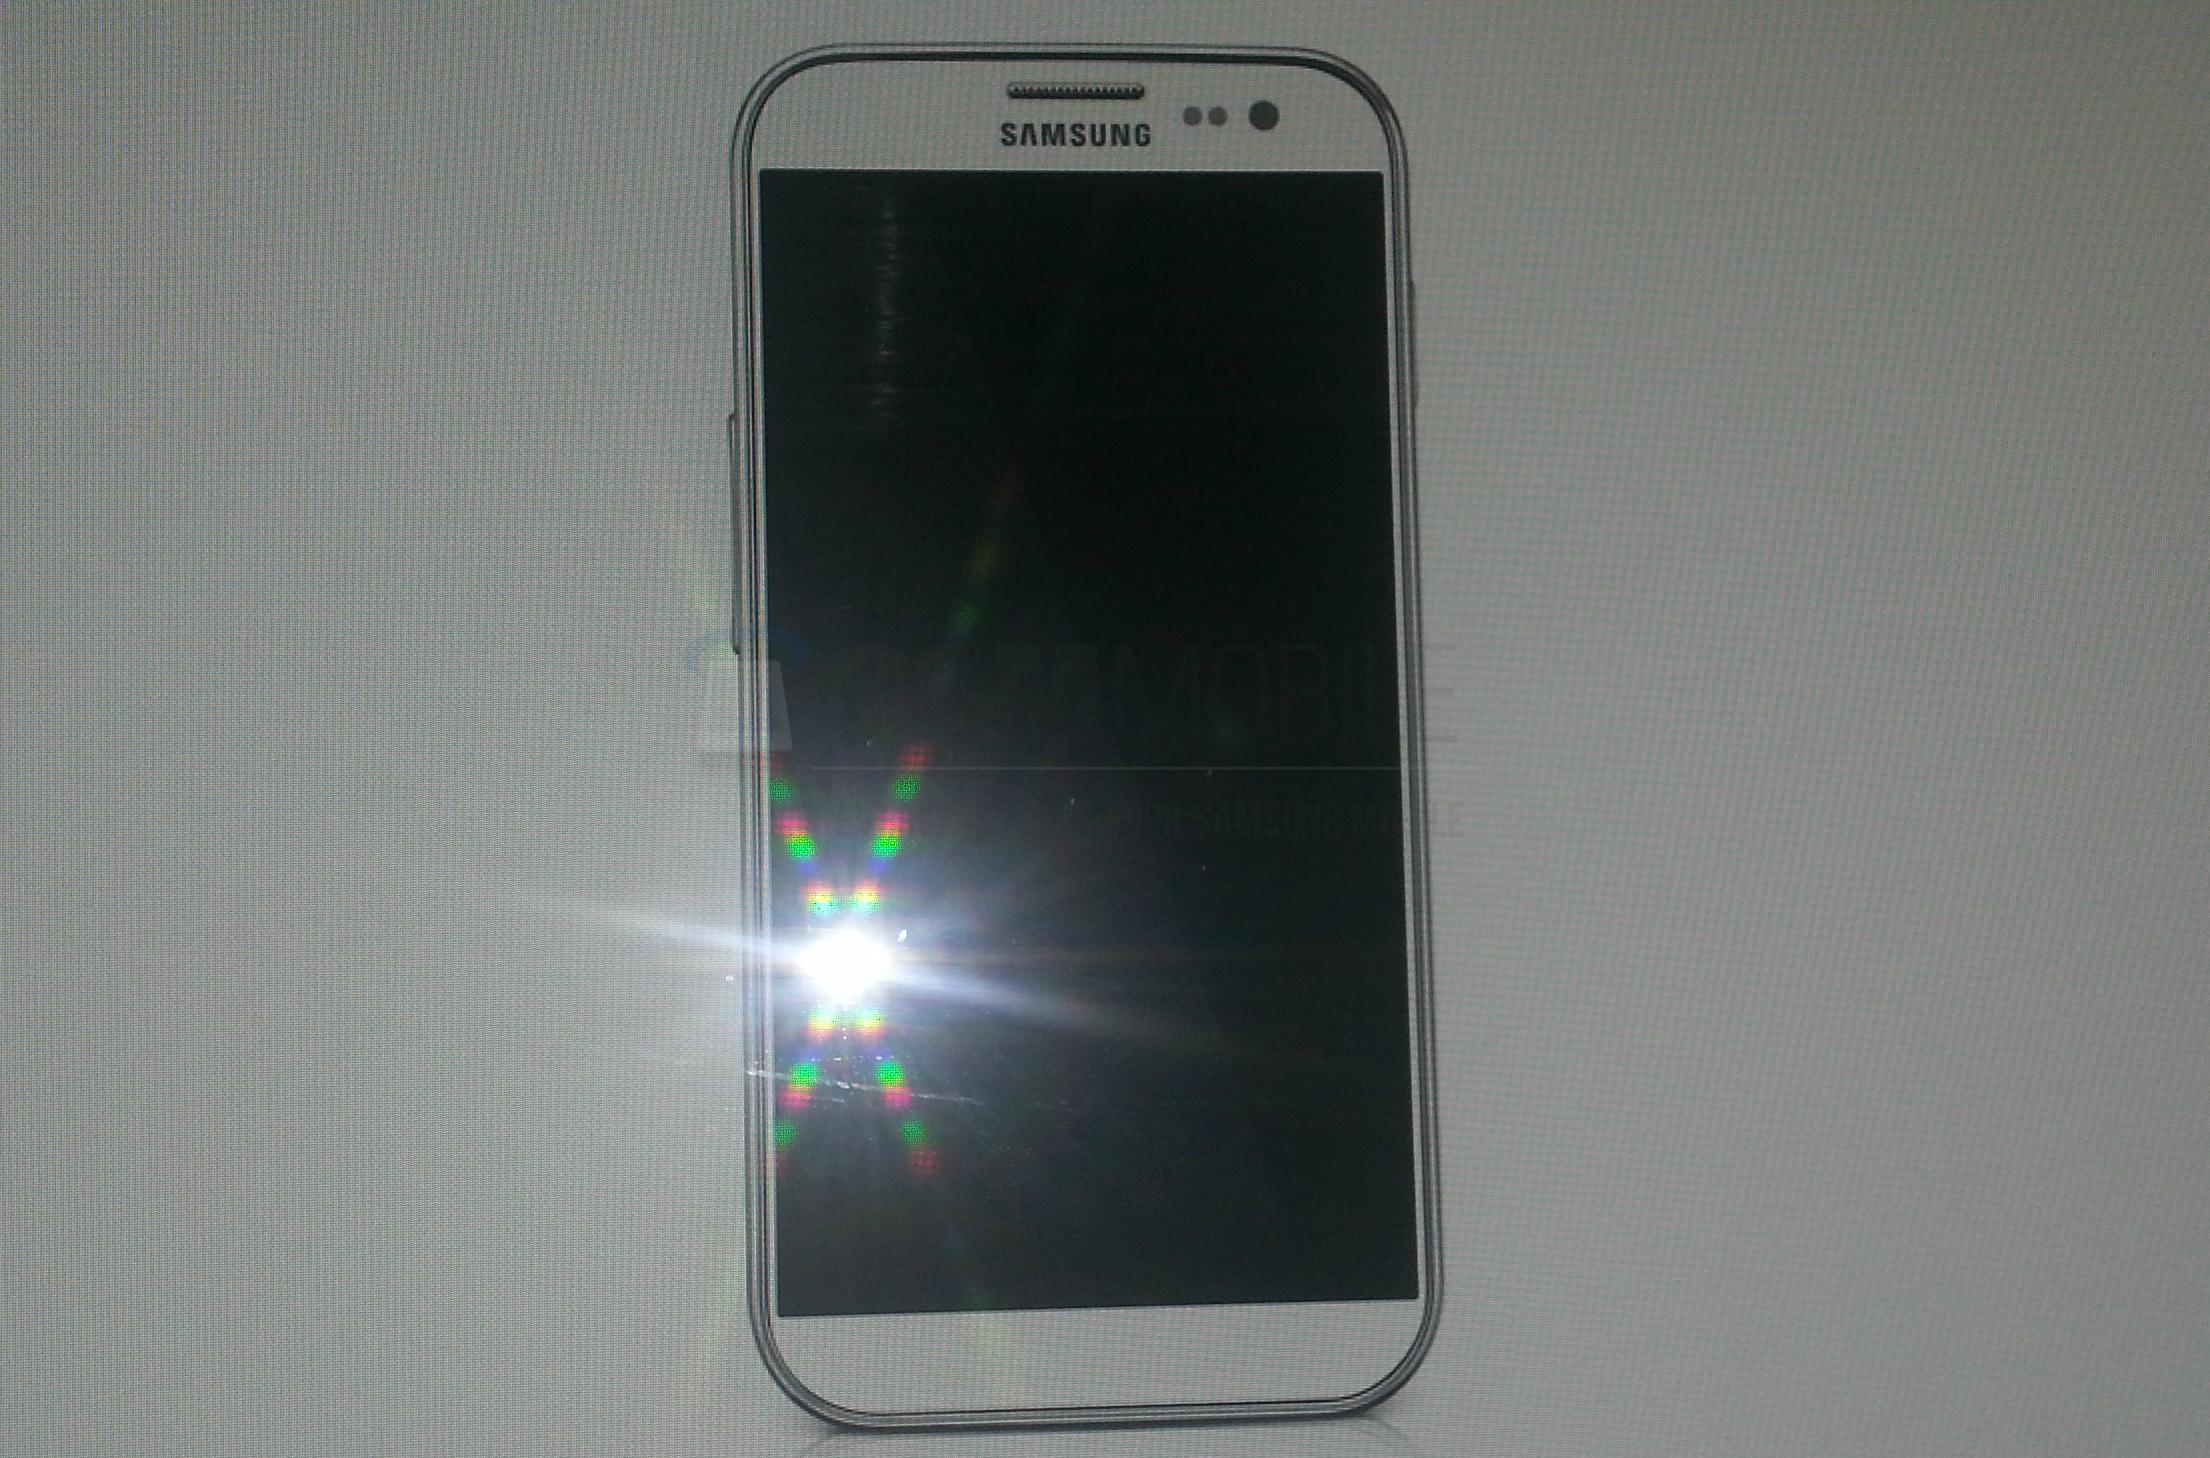 В сети появилось фото грядущего Samsung Galaxy S4 но насколько оно соответствует действительности